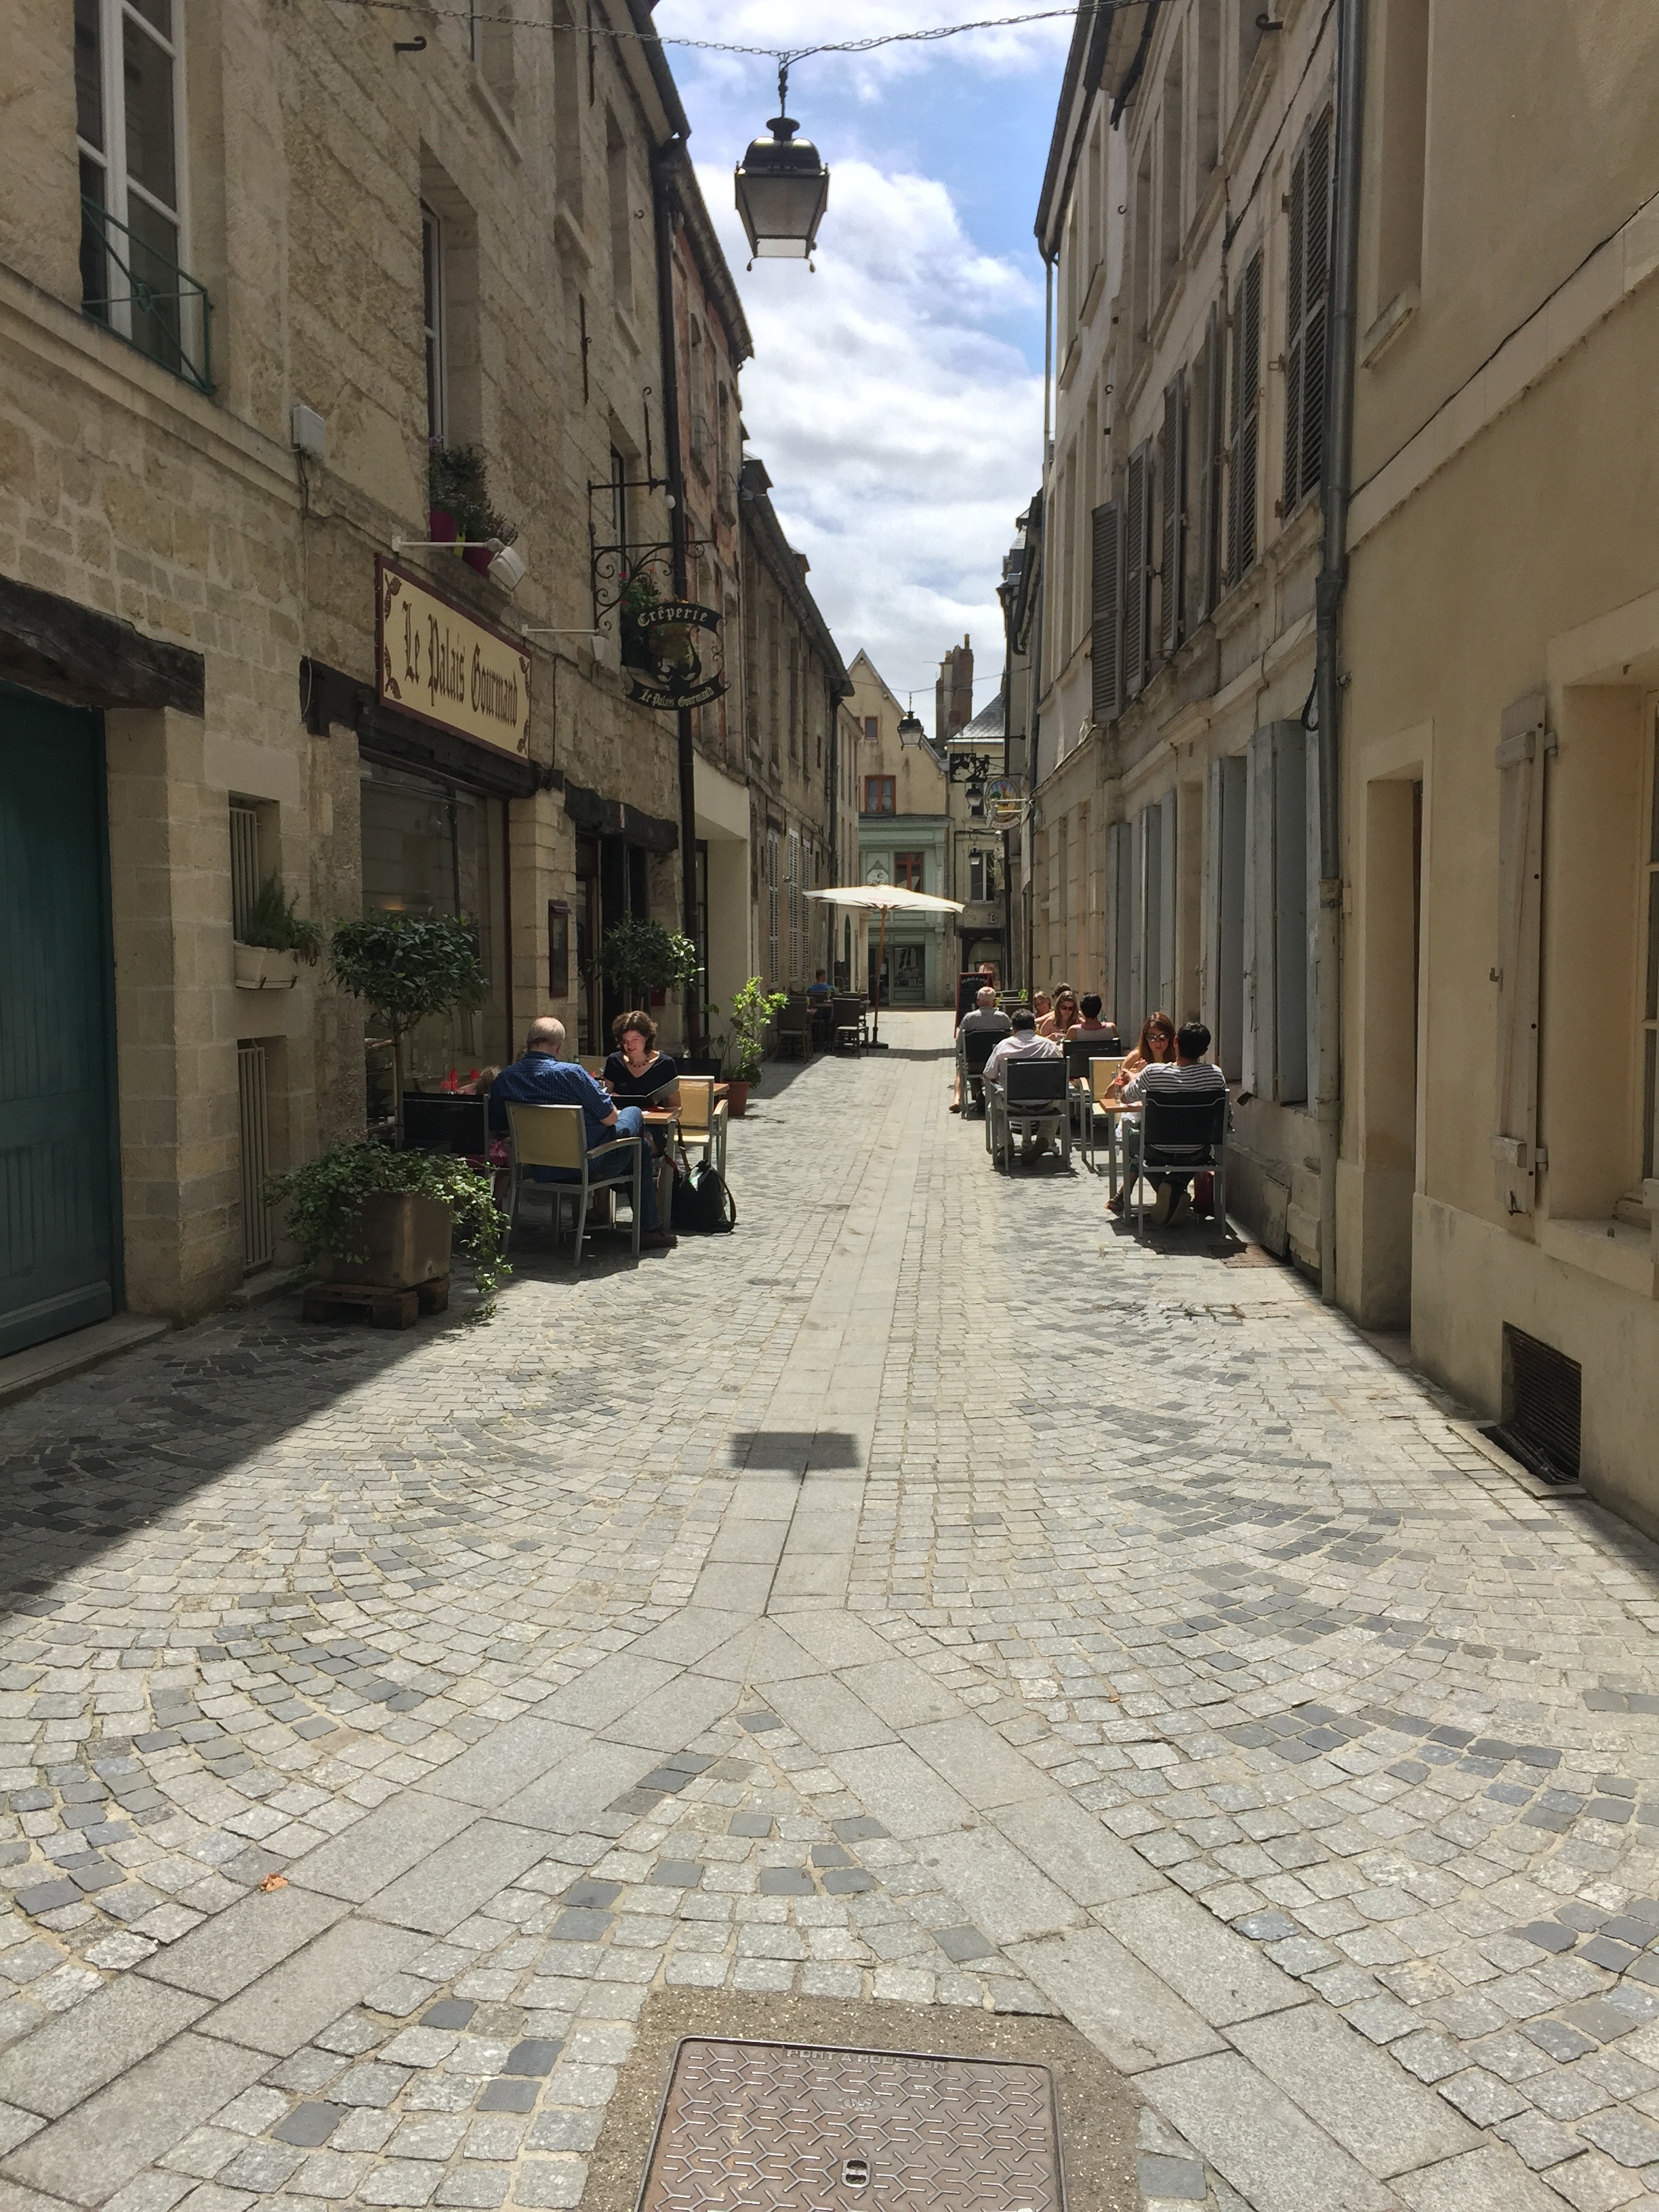 Schattig straatje met restaurants